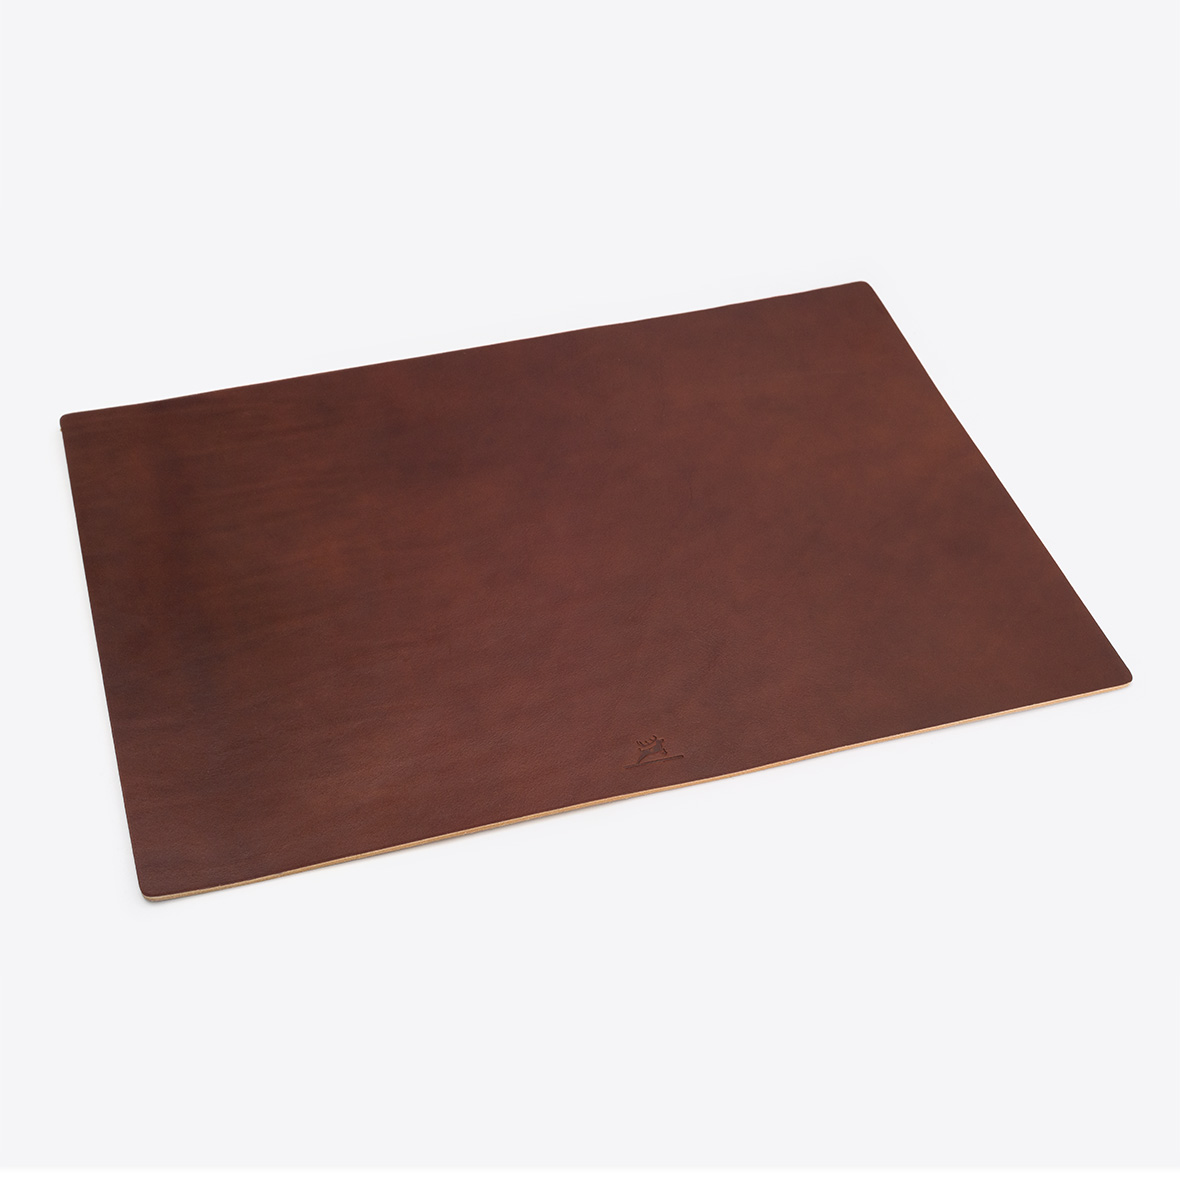 Schreibtischunterlage aus Leder Farbe Braun von Rothirsch